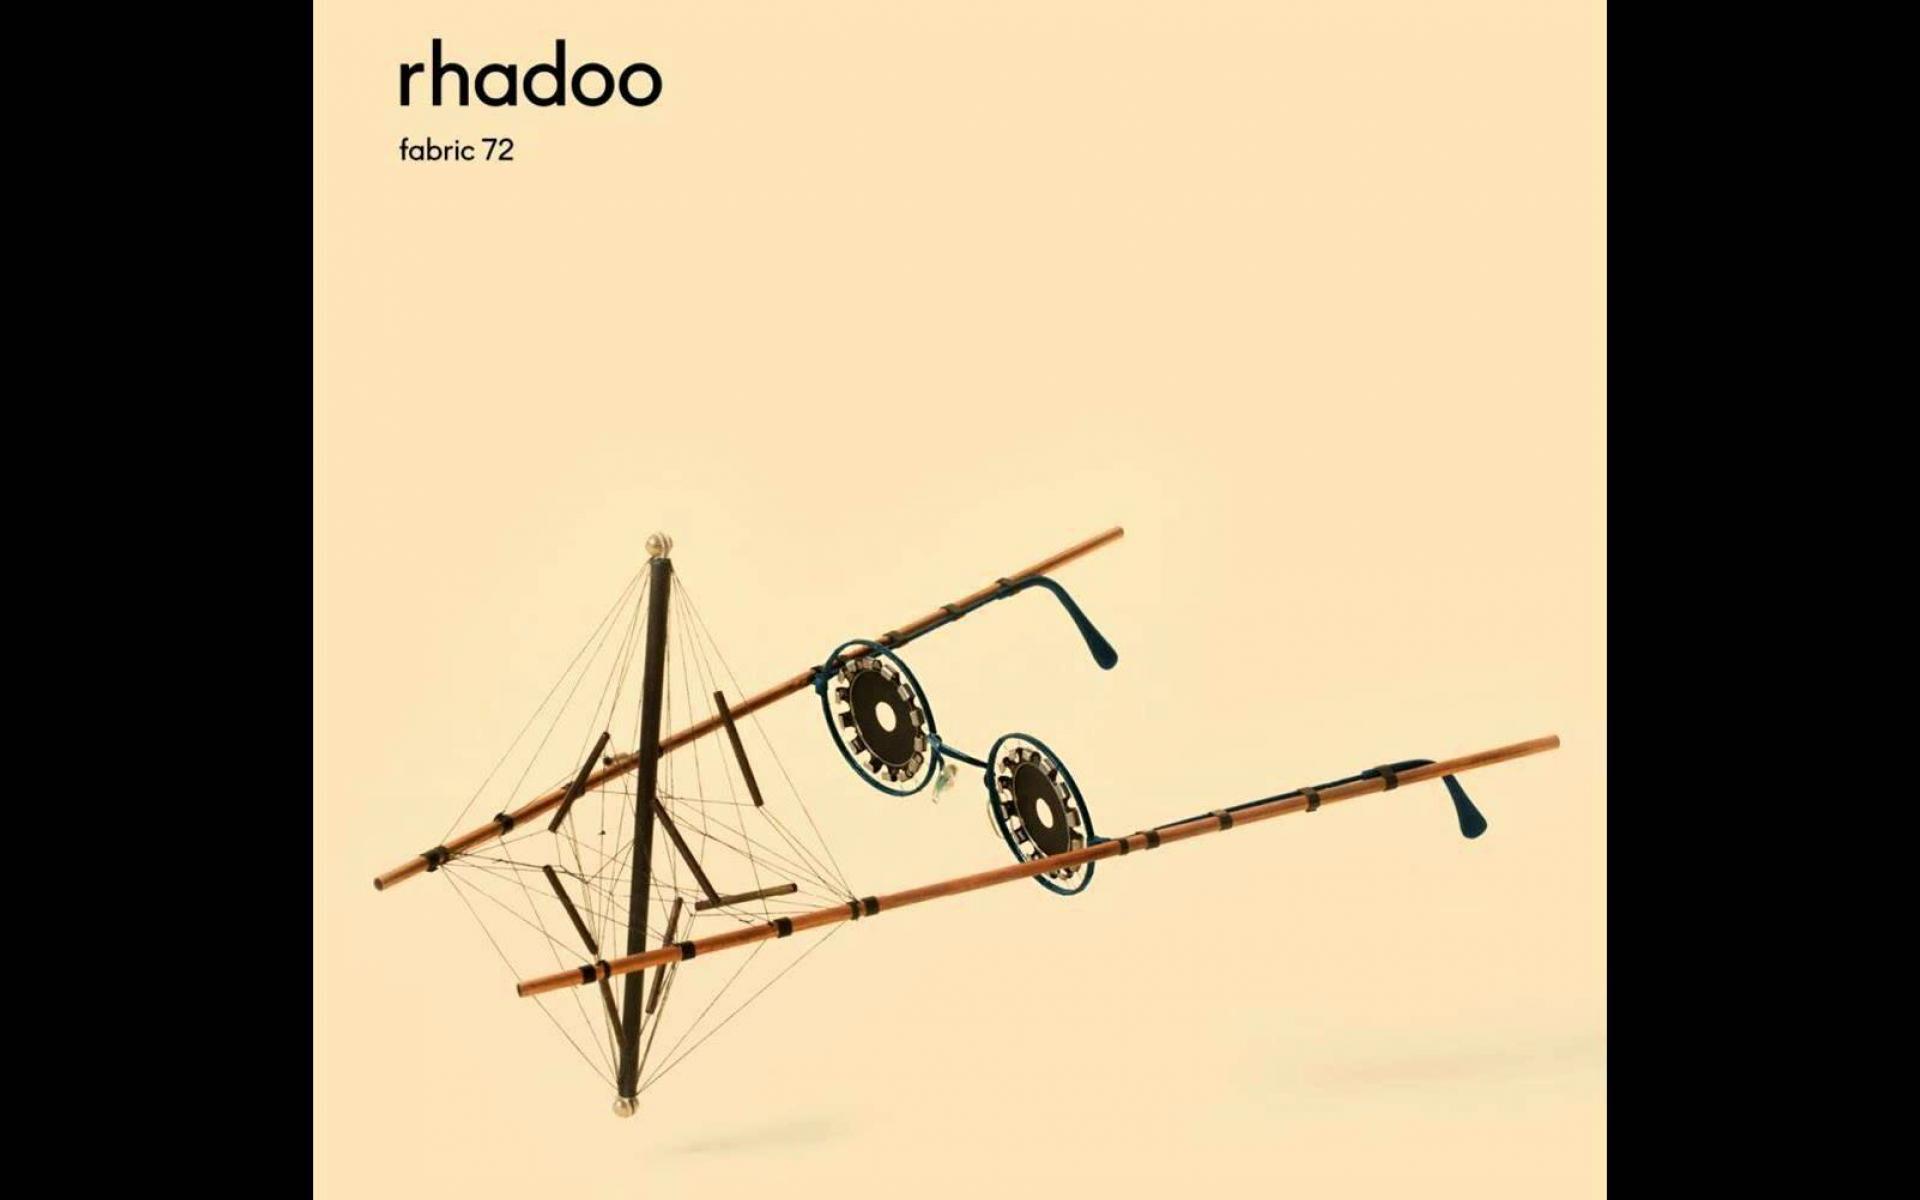 Rhadoo - Fabric 72